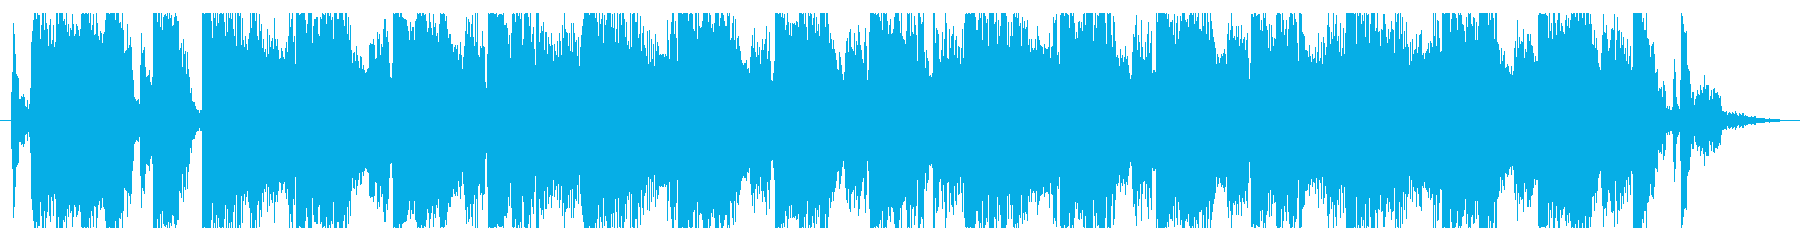 マイナーな雰囲気のロック_No390_4の再生済みの波形